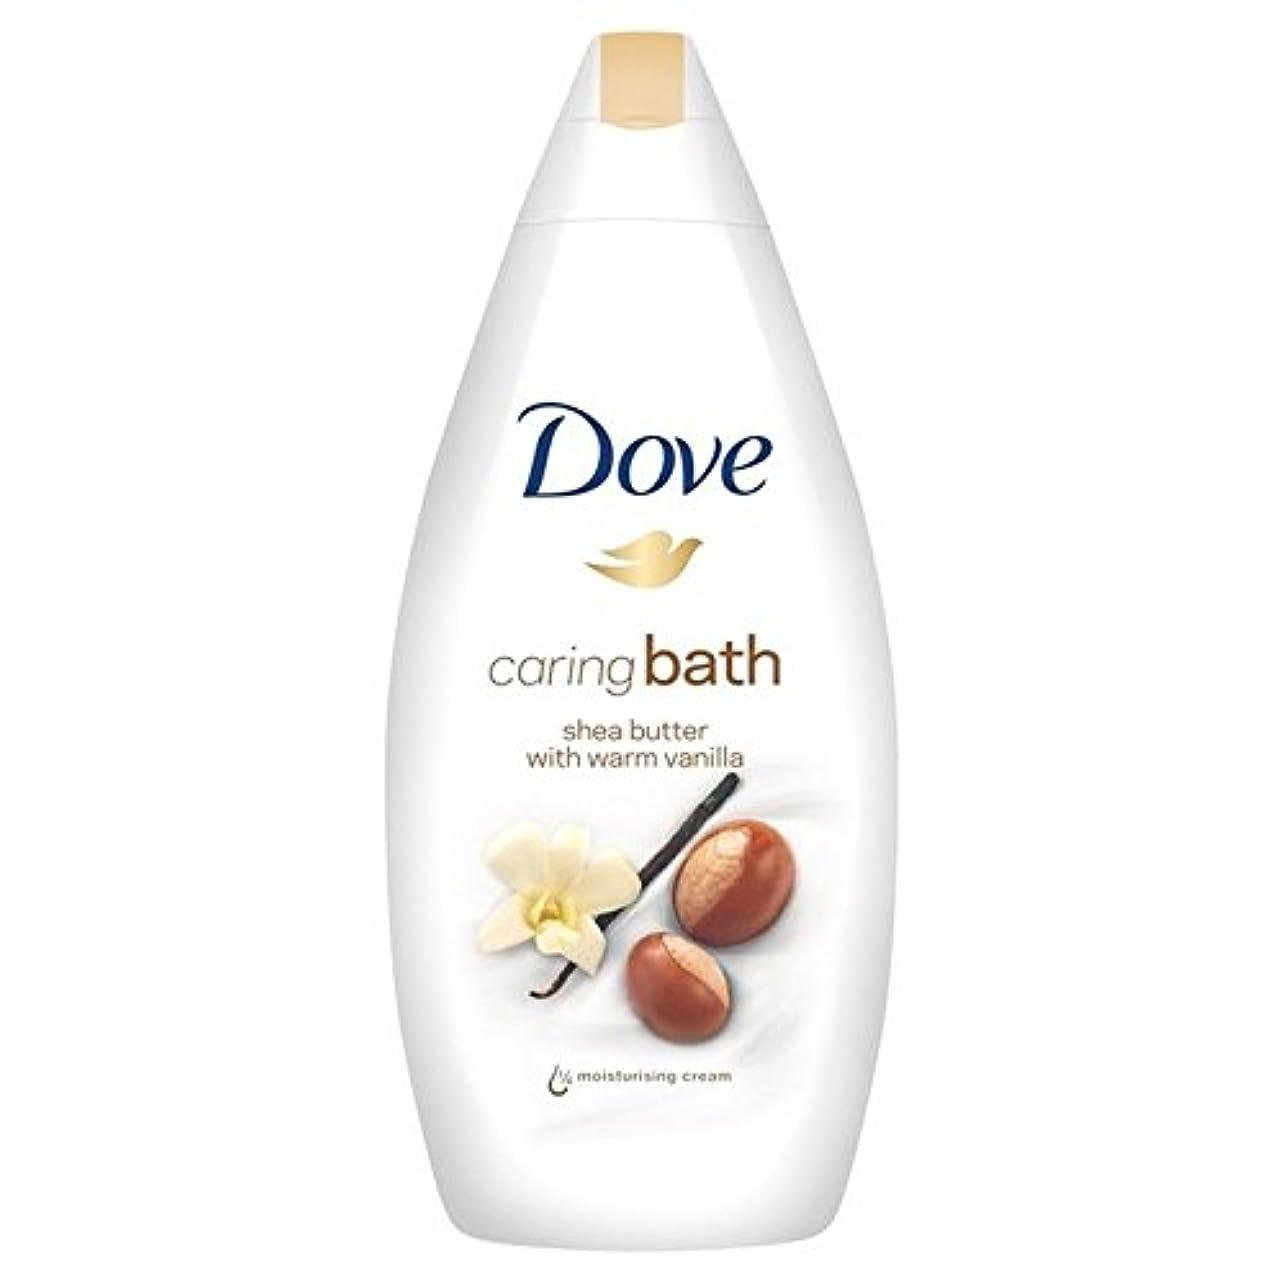 戦士ハンバーガーコミュニケーション鳩純粋な贅沢シアバター思いやりのあるクリームバス500ミリリットル x4 - Dove Purely Pampering Shea Butter Caring Cream Bath 500ml (Pack of 4) [...